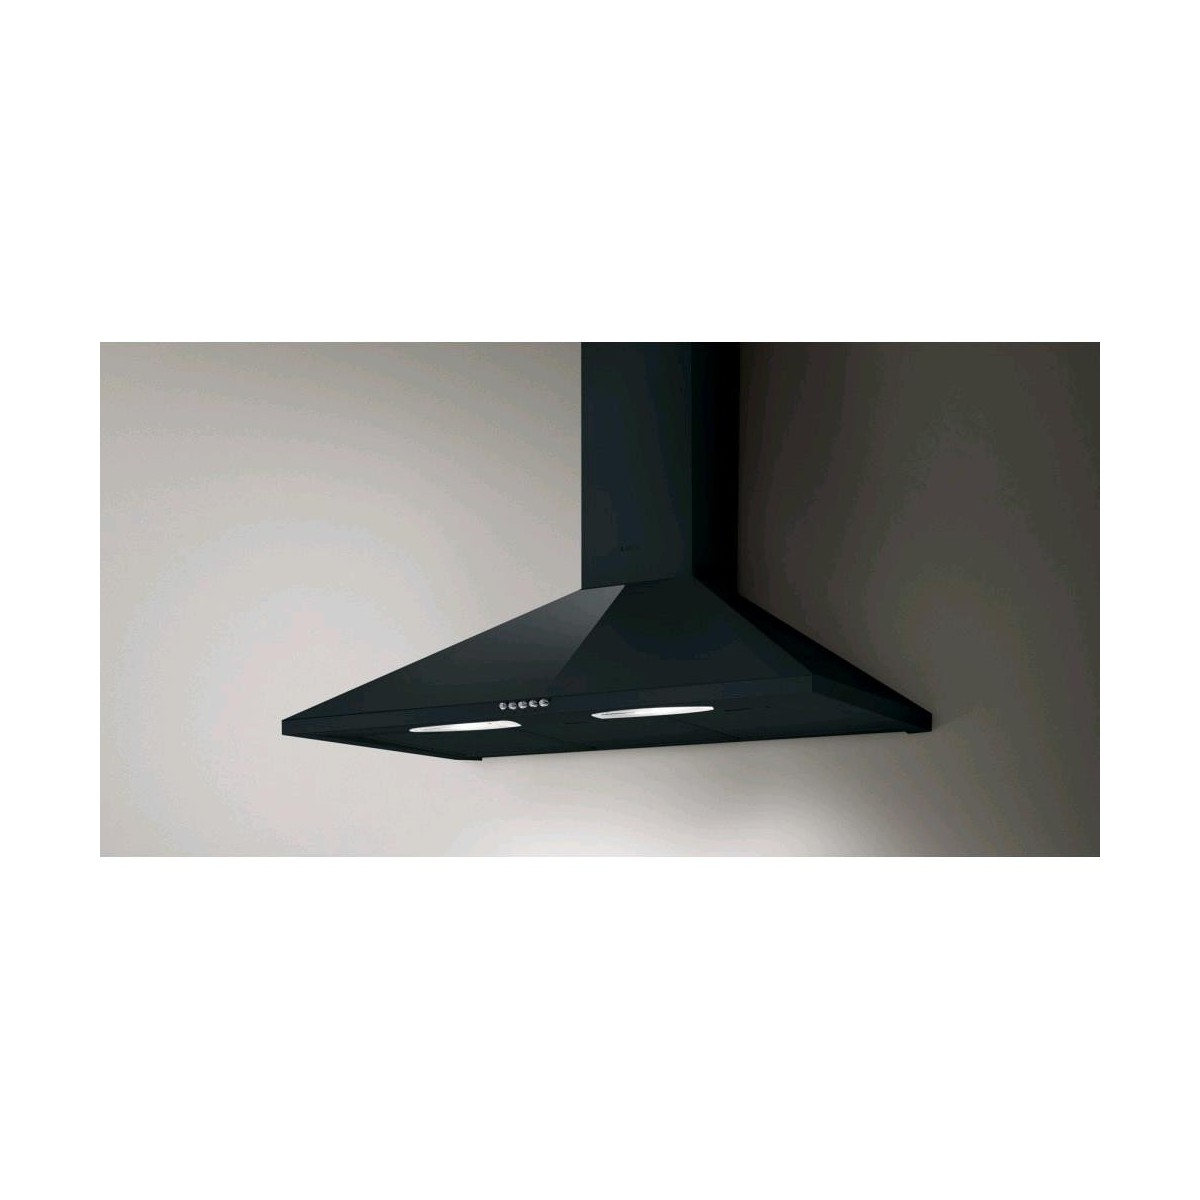 Piano Cottura Aspirante Elica Prezzo elica tamaya pb bl/a/90 - cappa aspirante a parete, nero, 90 cm, e